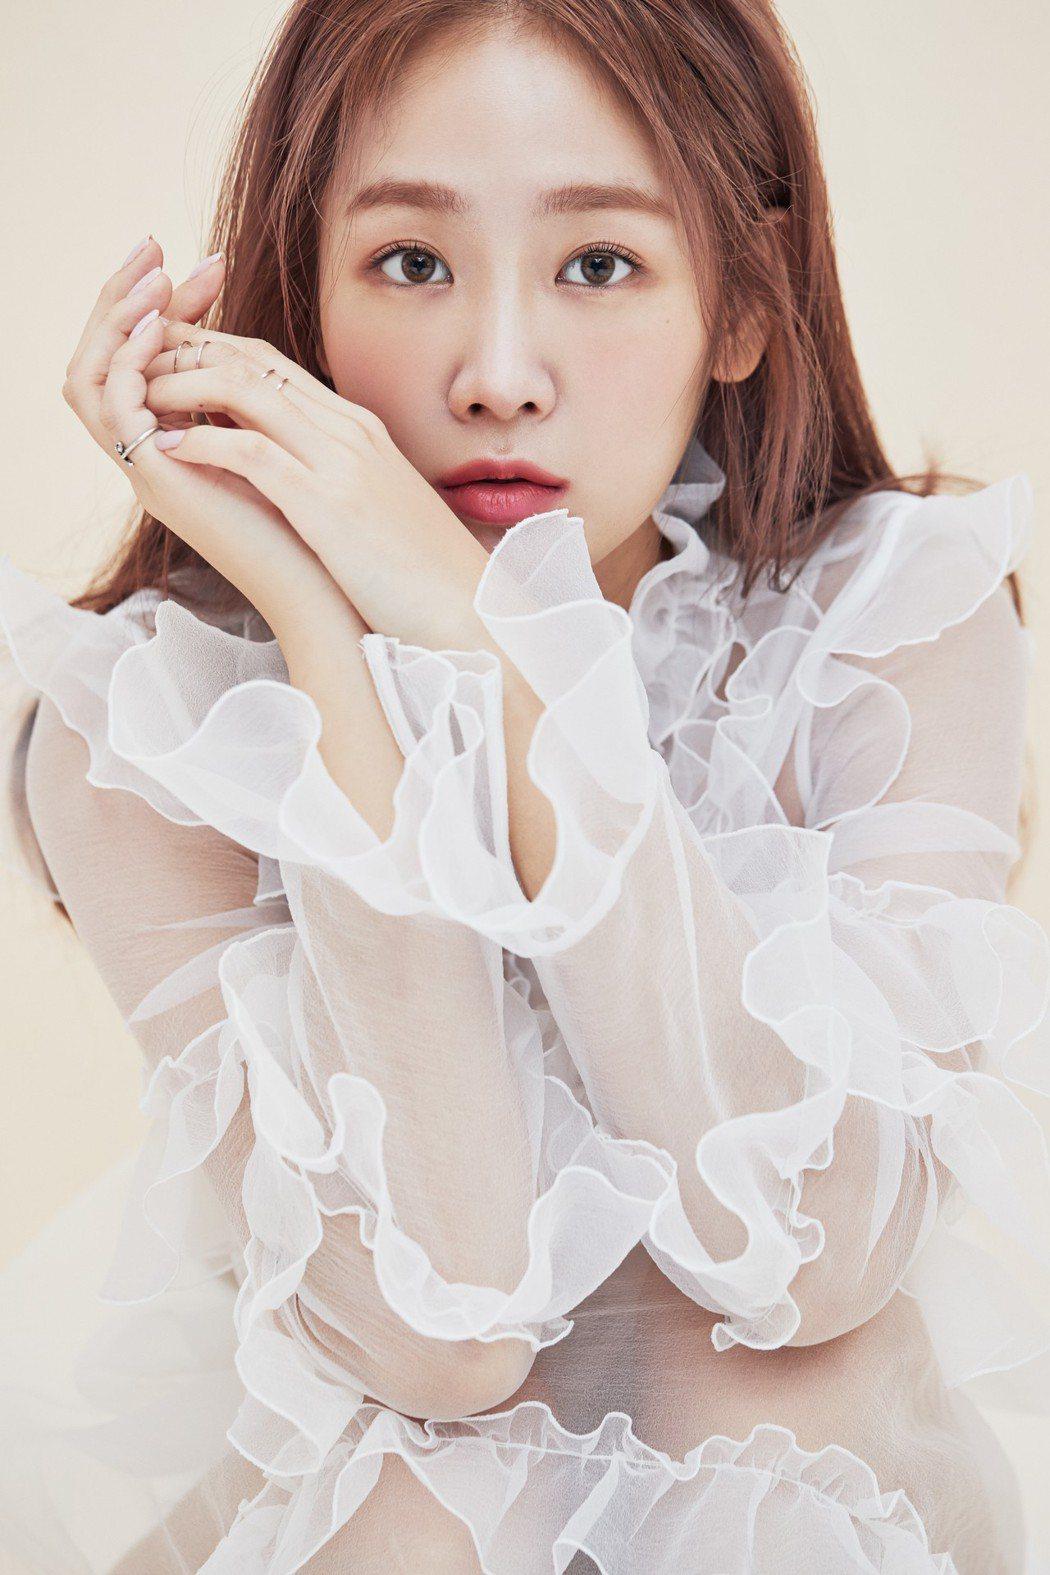 昭宥有時很思念SISTAR姊妹。圖/STARSHIP娛樂提供